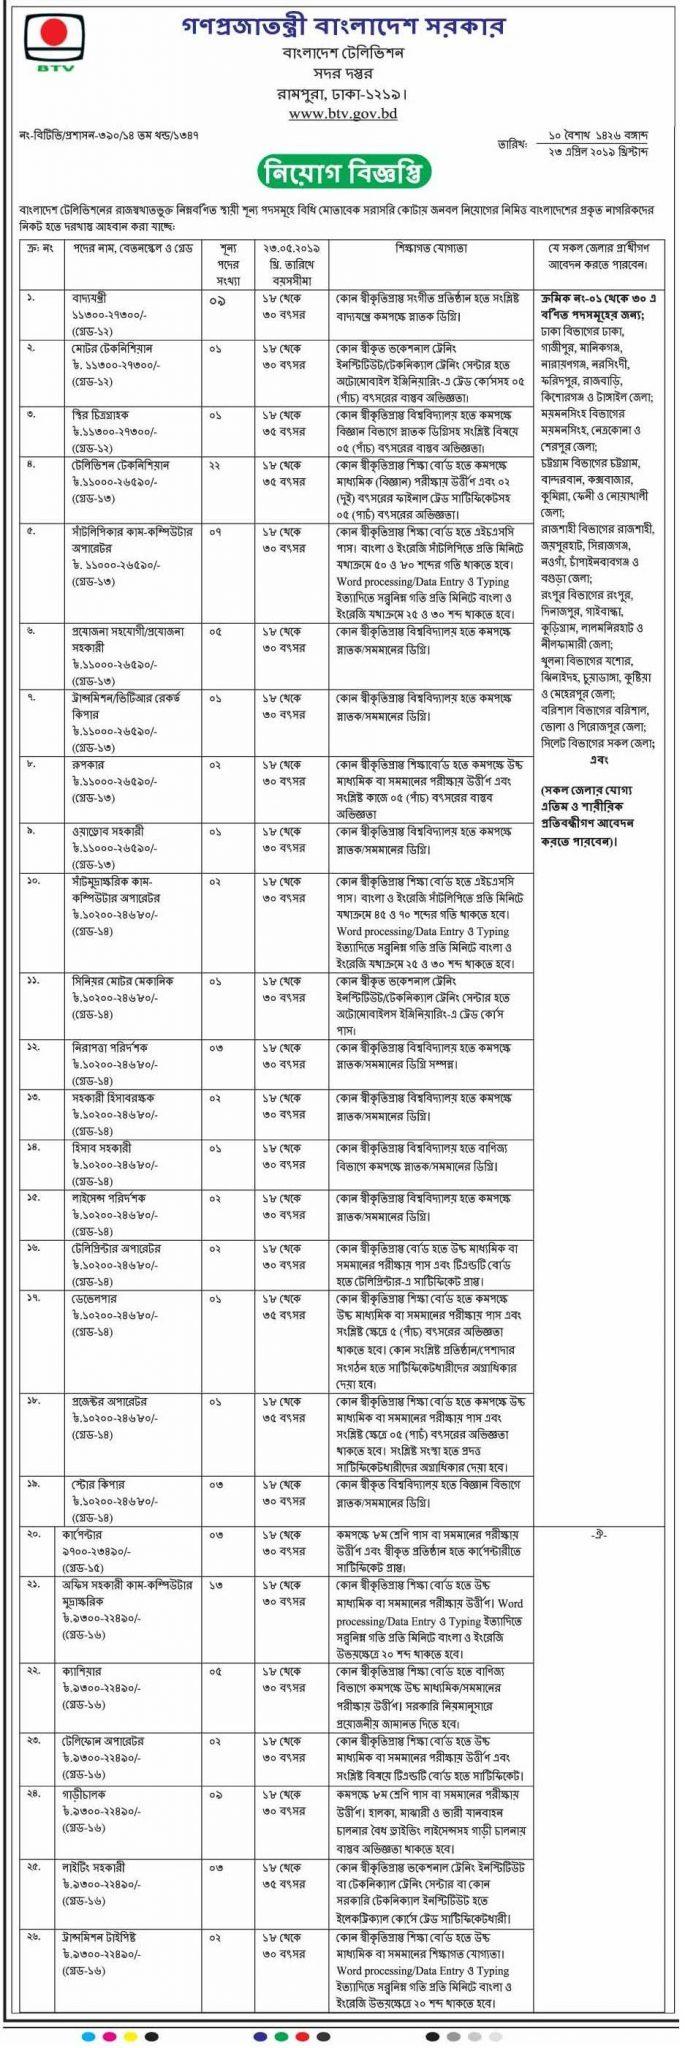 Bangladesh Television (BTV) Job Circular 2019